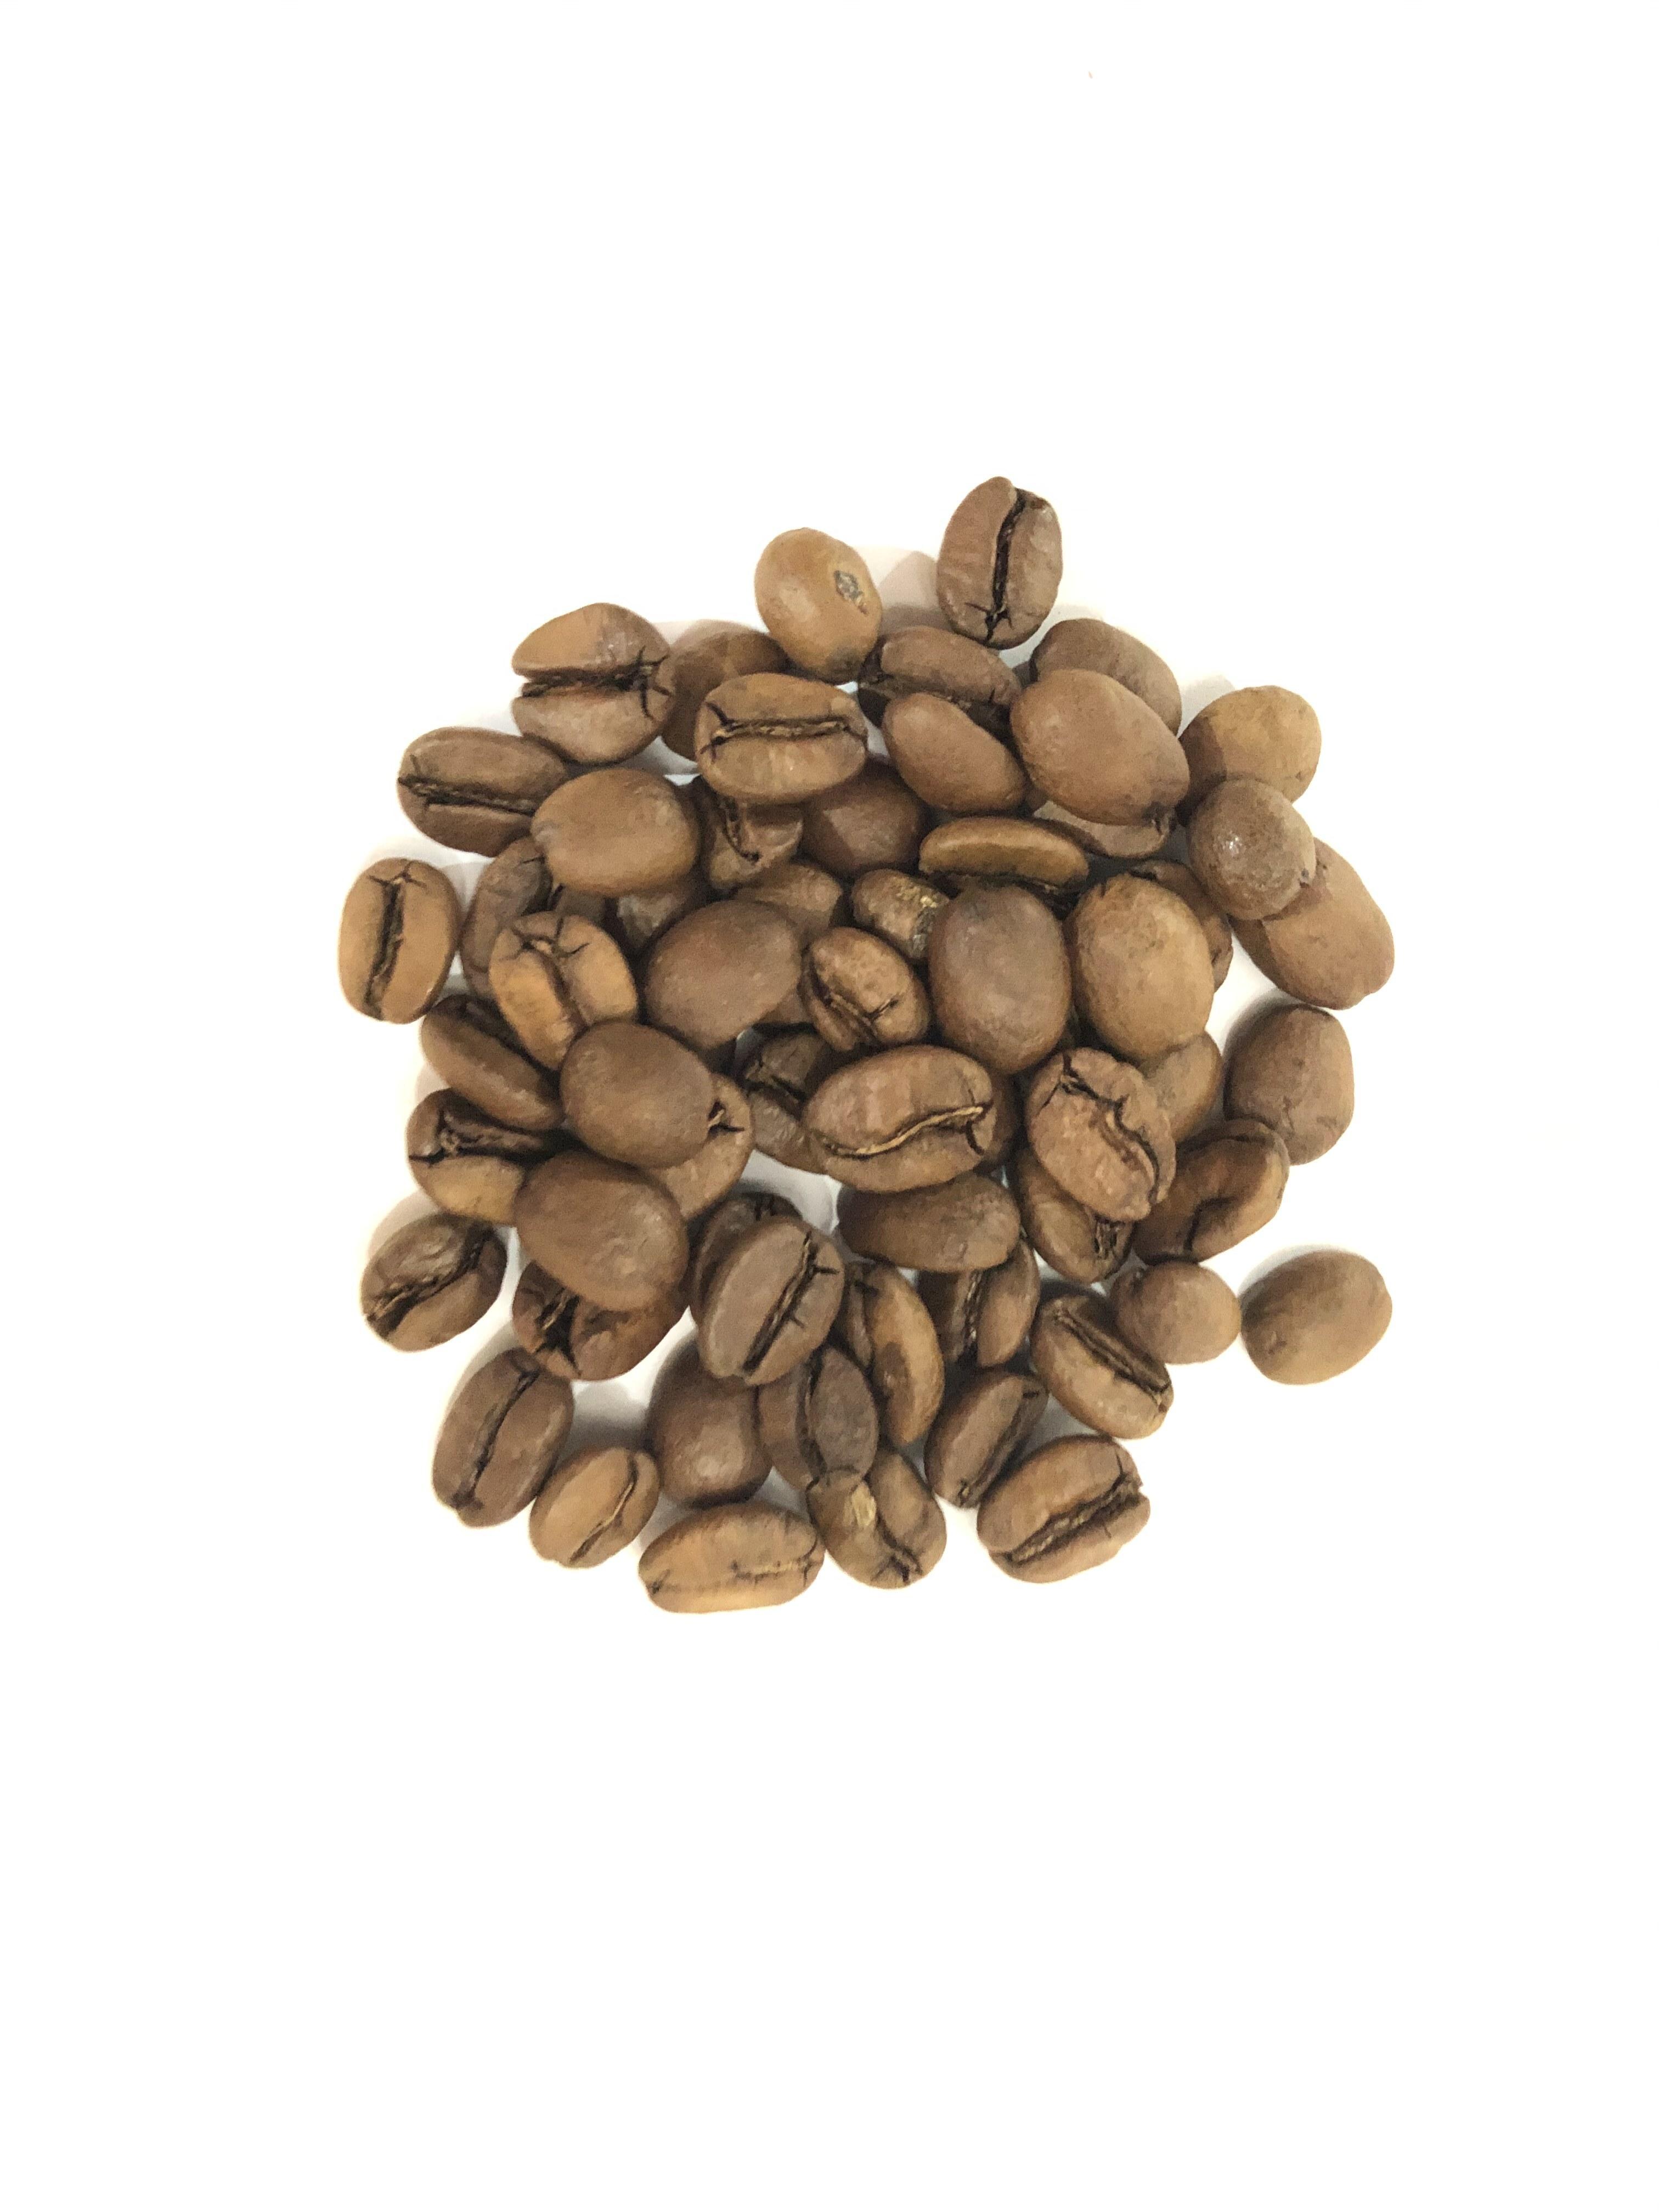 ニカラグア マタガルバ地区リモンシリョ農園 ブルボン種ナチュラル(スペシャルティコーヒー)